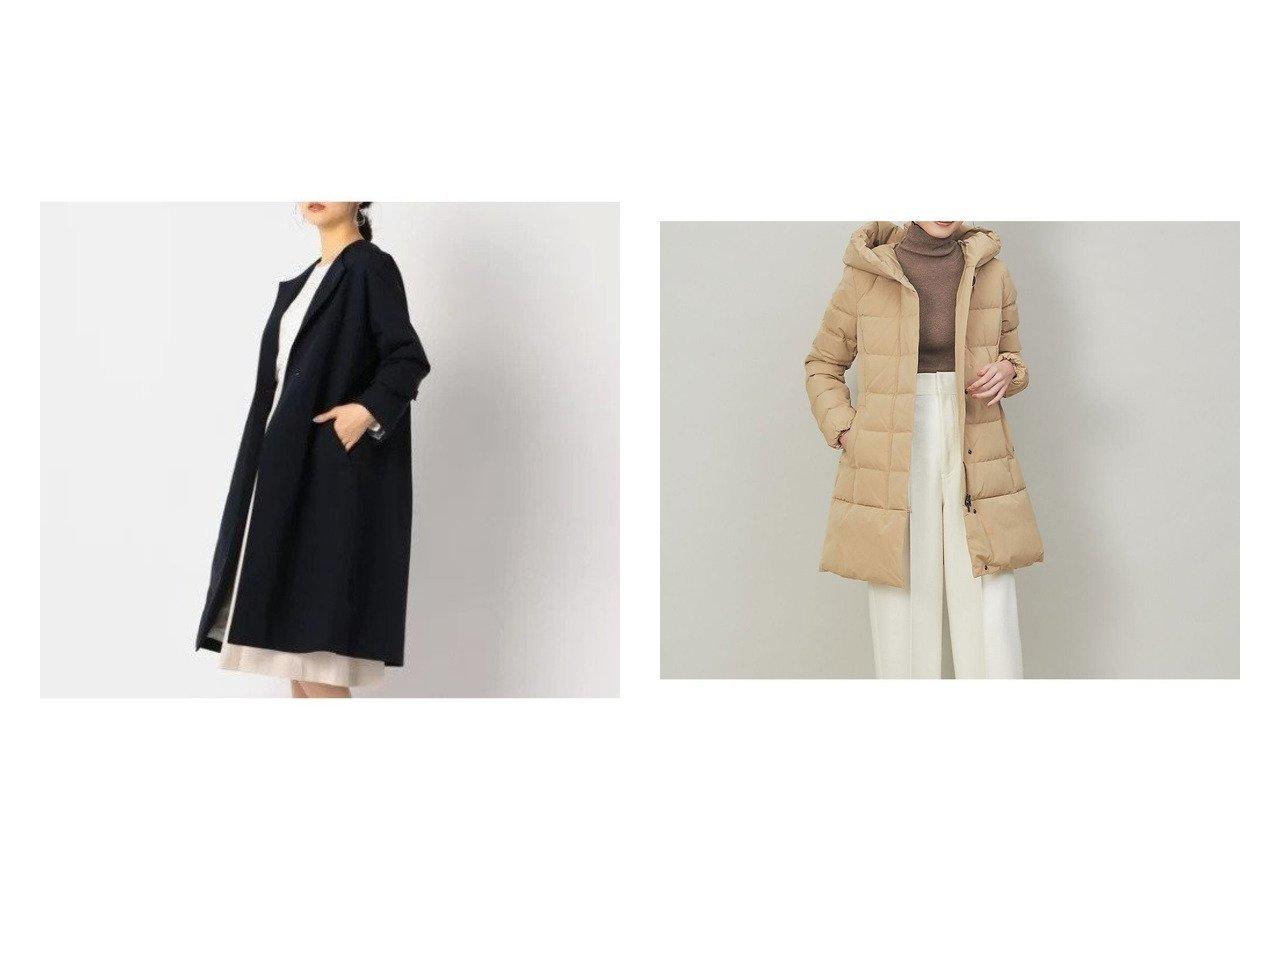 【NOLLEY'S/ノーリーズ】のタスランノーカラーコート&【Rouge vif la cle/ルージュヴィフラクレ】の【WOOLRICH】PUFFY PRESCOTT ダウンコート アウターのおすすめ!人気、トレンド・レディースファッションの通販 おすすめで人気の流行・トレンド、ファッションの通販商品 メンズファッション・キッズファッション・インテリア・家具・レディースファッション・服の通販 founy(ファニー) https://founy.com/ ファッション Fashion レディースファッション WOMEN アウター Coat Outerwear コート Coats ダウン Down Coats And Jackets ショルダー トレンド ドロップ フロント アウトドア シェイプ ダウン ダブル フェザー ベスト ポケット A/W 秋冬 AW Autumn/Winter / FW Fall-Winter 2020年 2020 2020-2021 秋冬 A/W AW Autumn/Winter / FW Fall-Winter 2020-2021 |ID:crp329100000016368